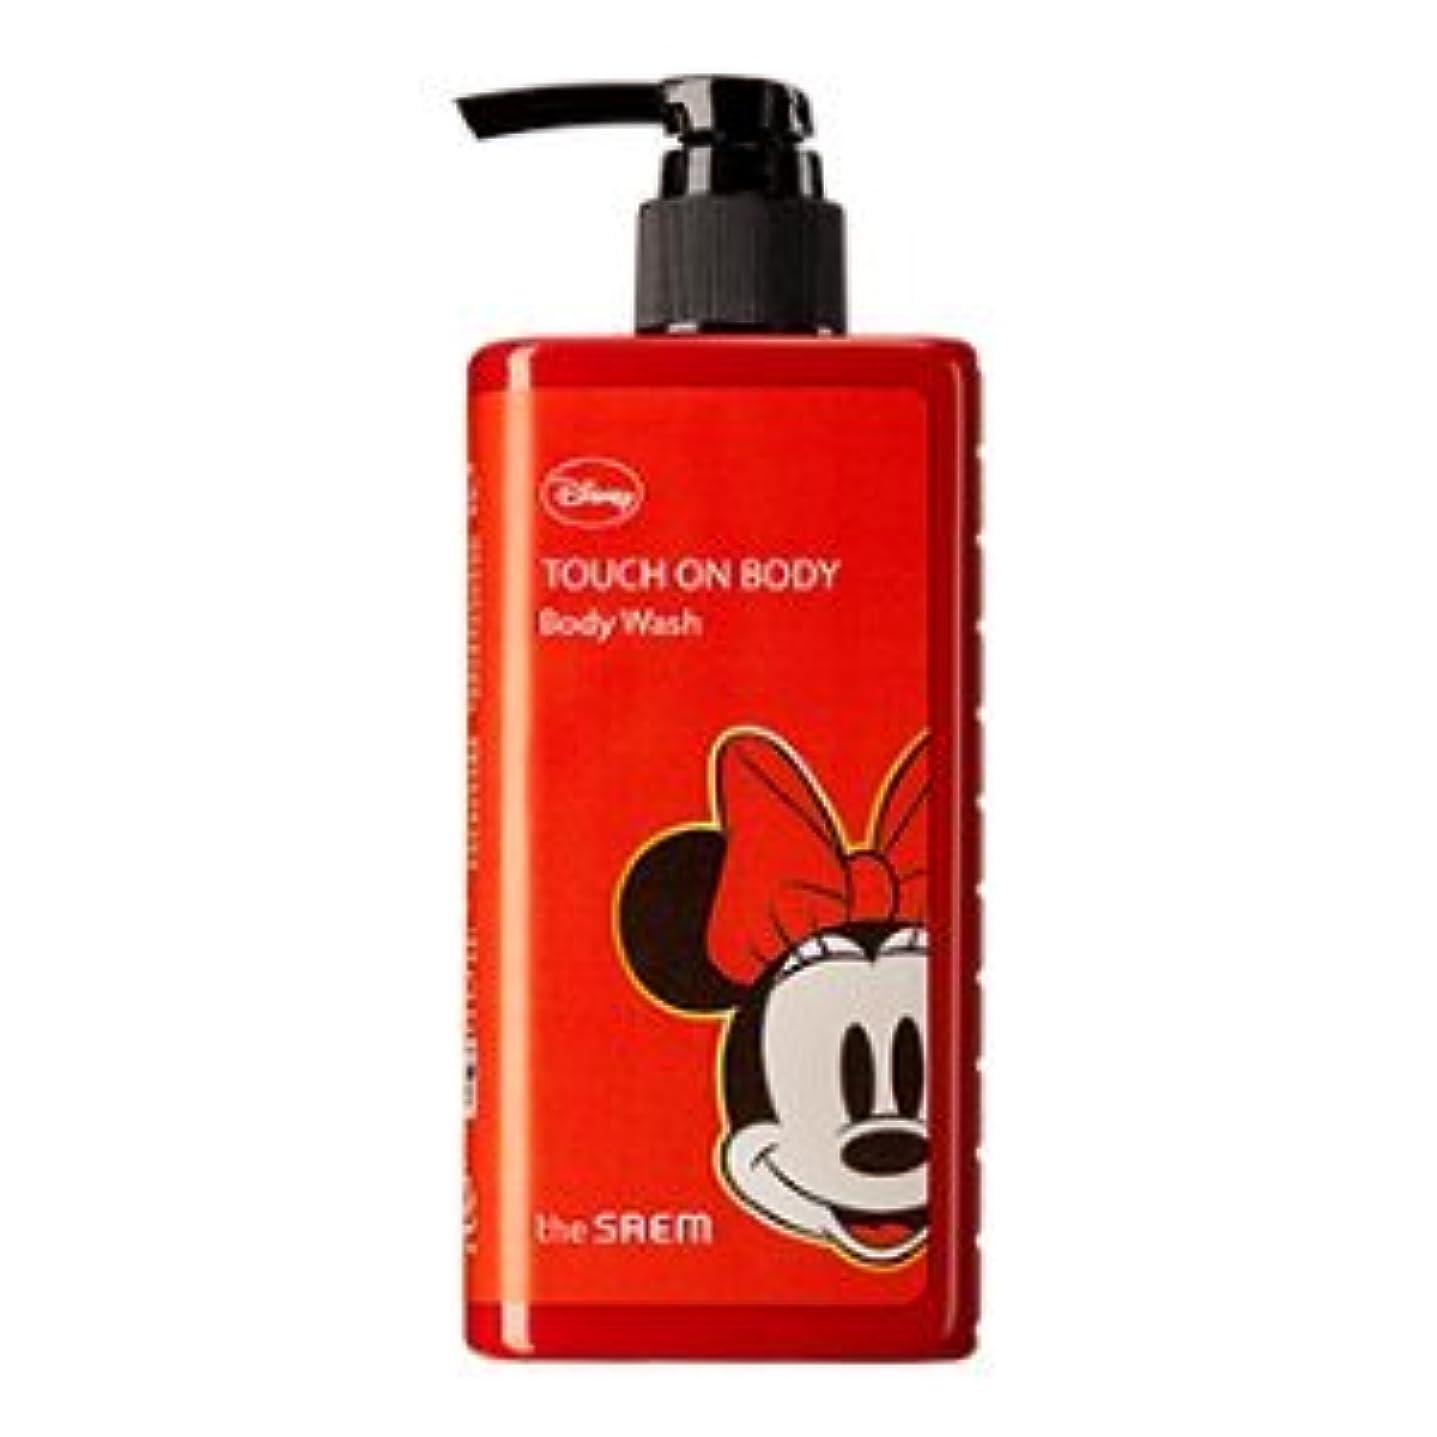 受け皿偶然略す(The Saem X Disney )Touch On Body Acerola Body Wash 300ml / ザセム タッチオンボディーアセロラボディーウォッシュ (ディズニーエディション) [並行輸入品]